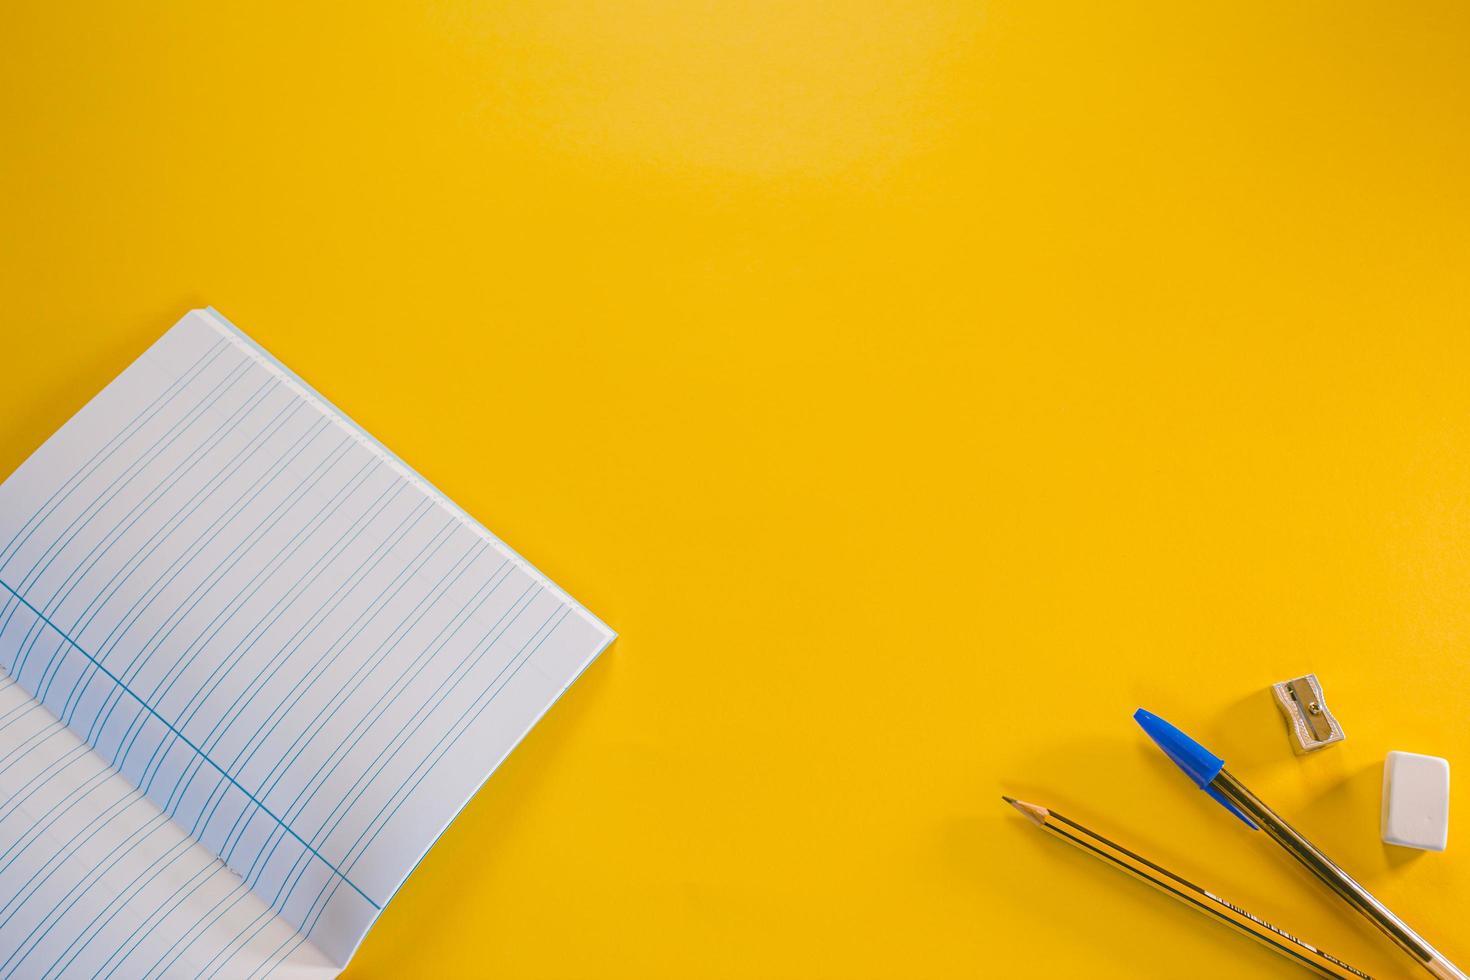 cuaderno, bolígrafo, lápiz, borrador y sacapuntas sobre fondo amarillo foto